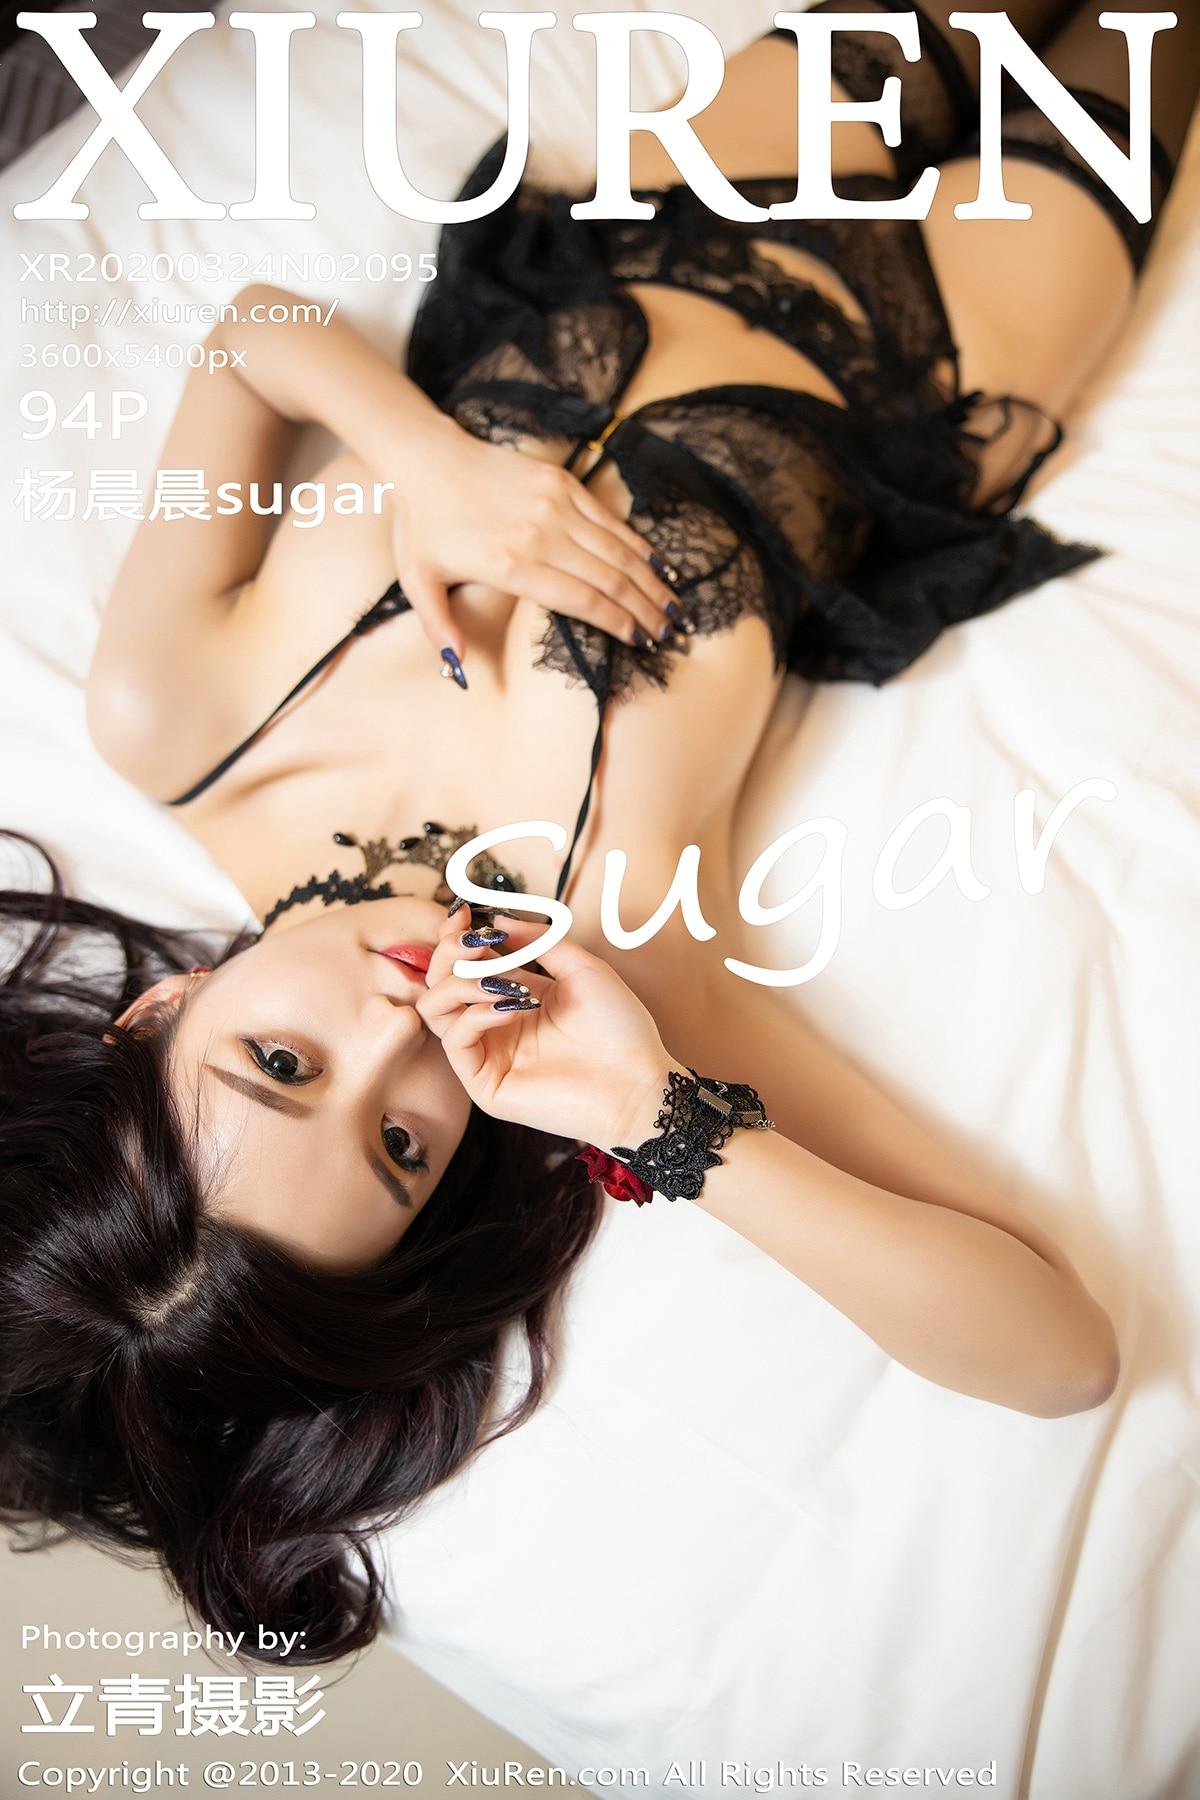 杨晨晨sugar – 写真作品资源合集插图5